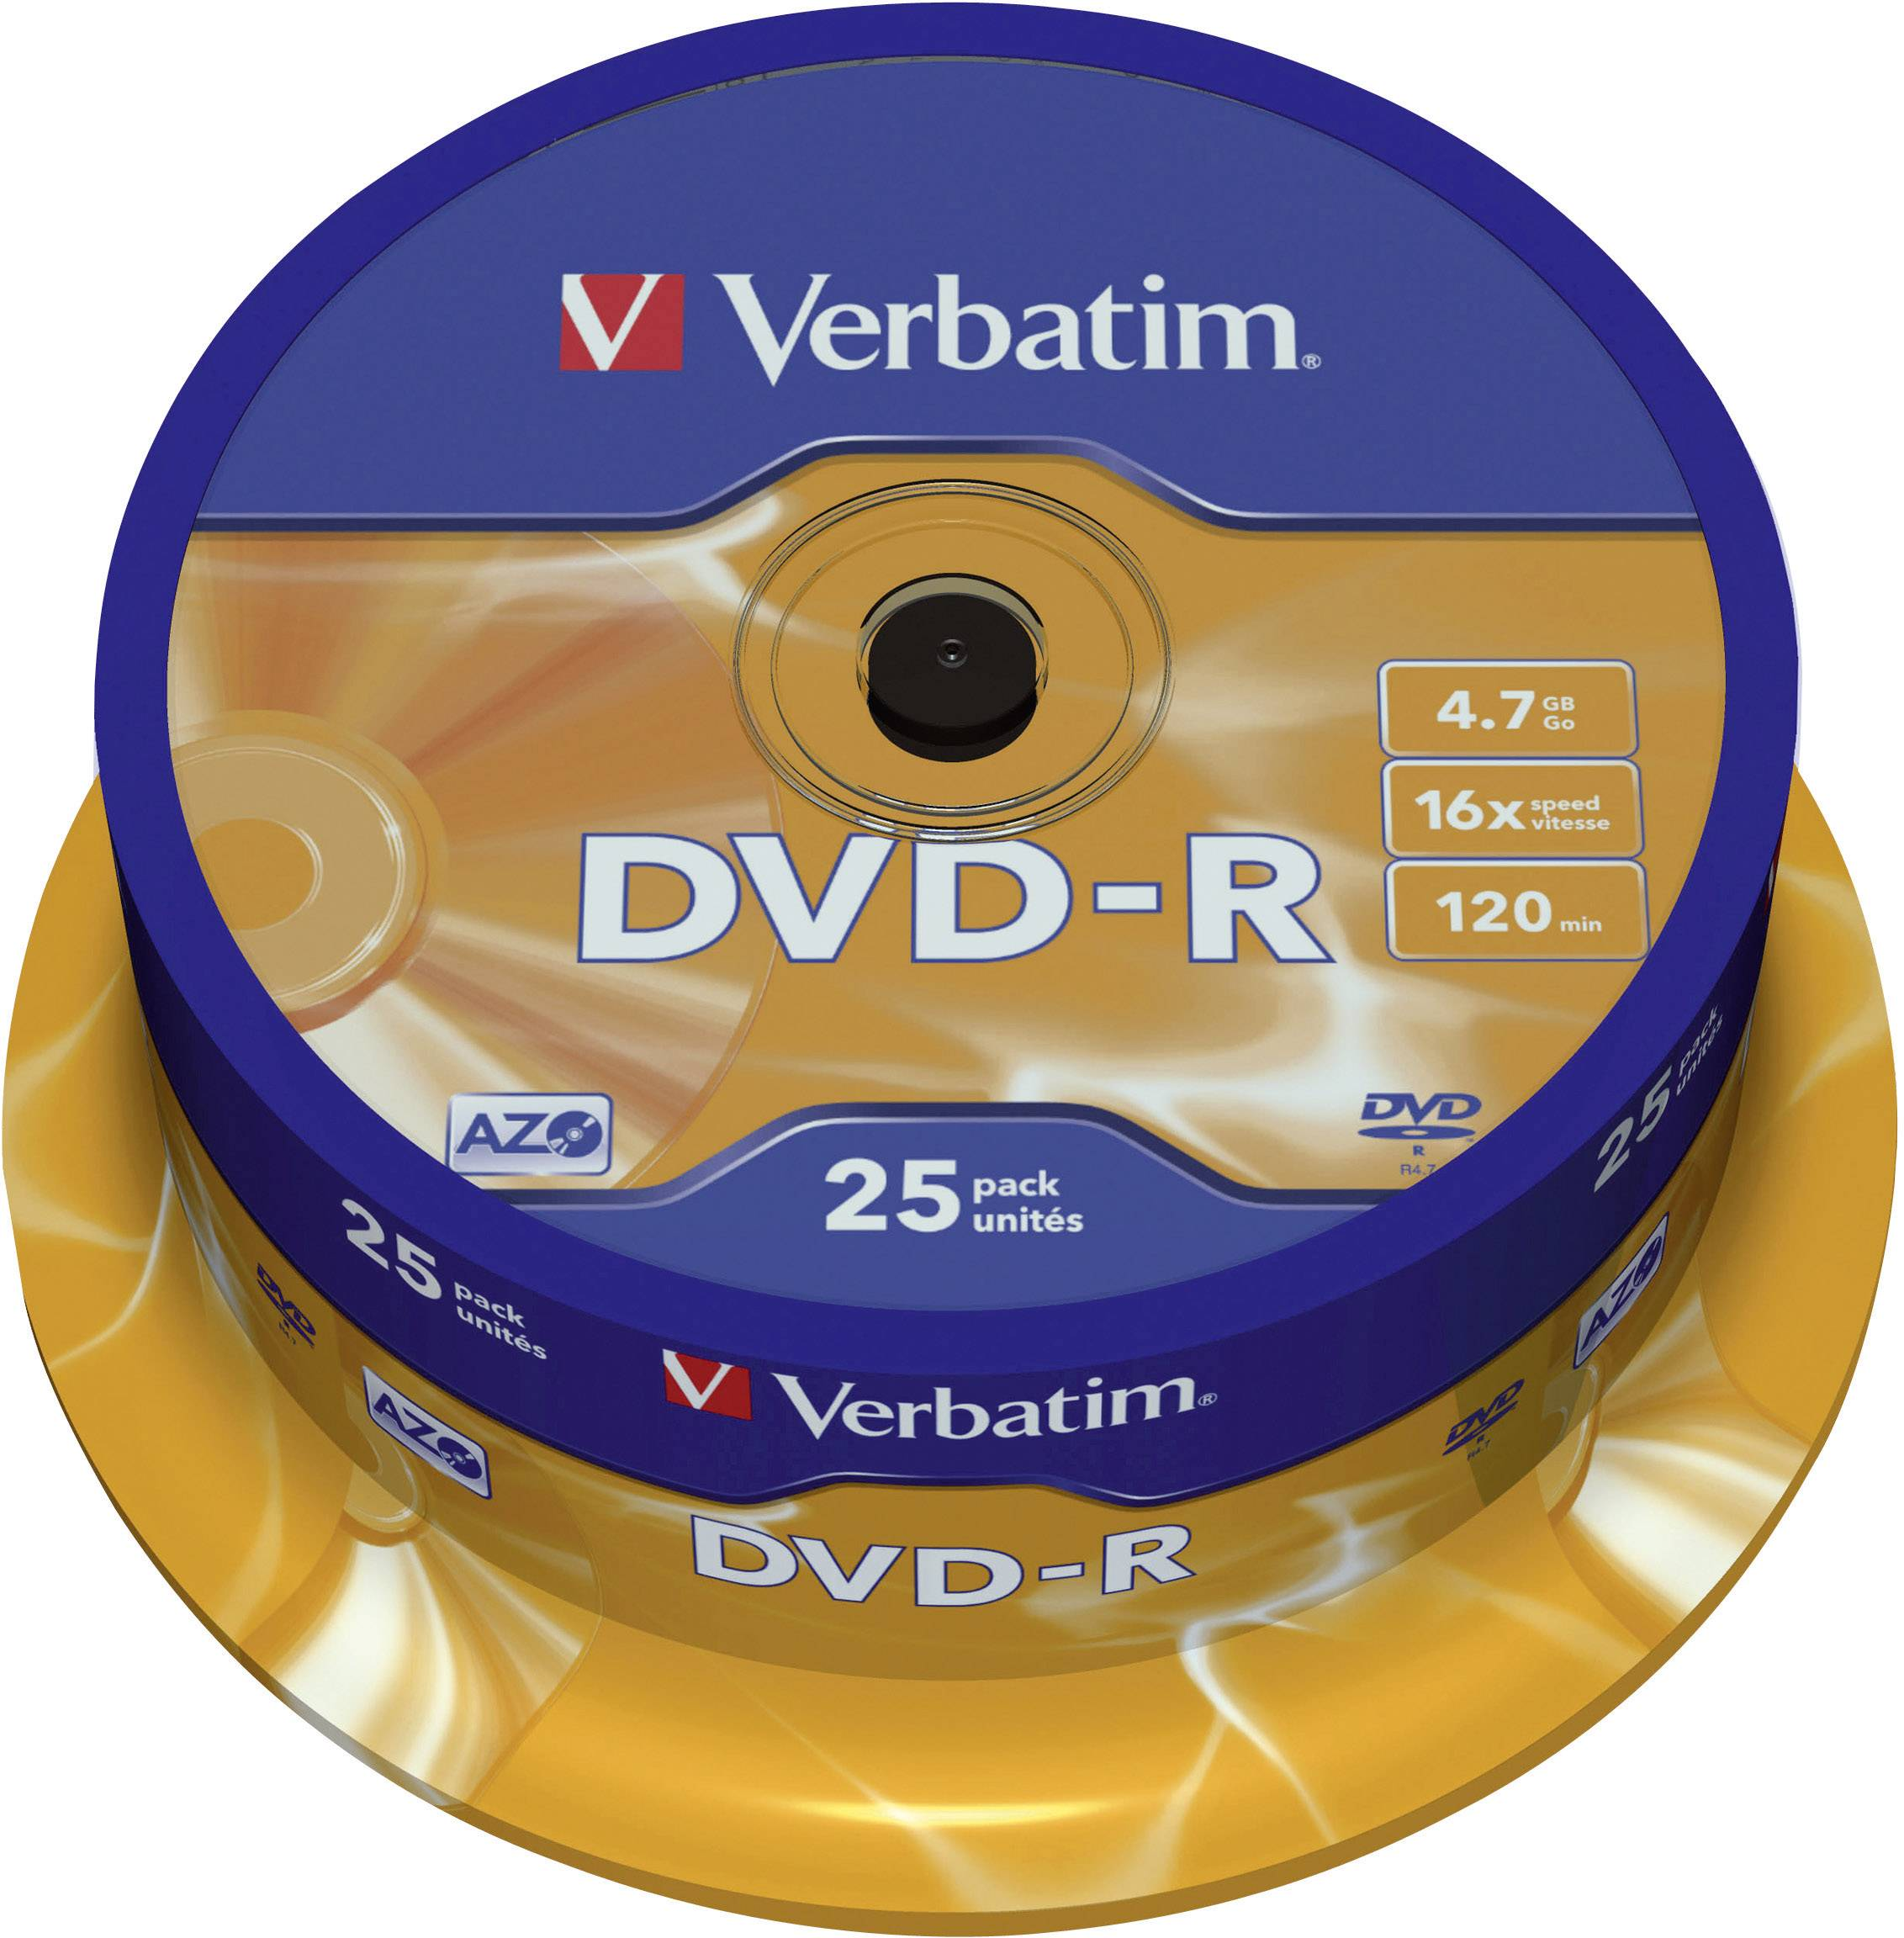 DVD-R 4.7 GB Verbatim 43522, vrstva proti poškriabaniu, 25 ks, vreteno